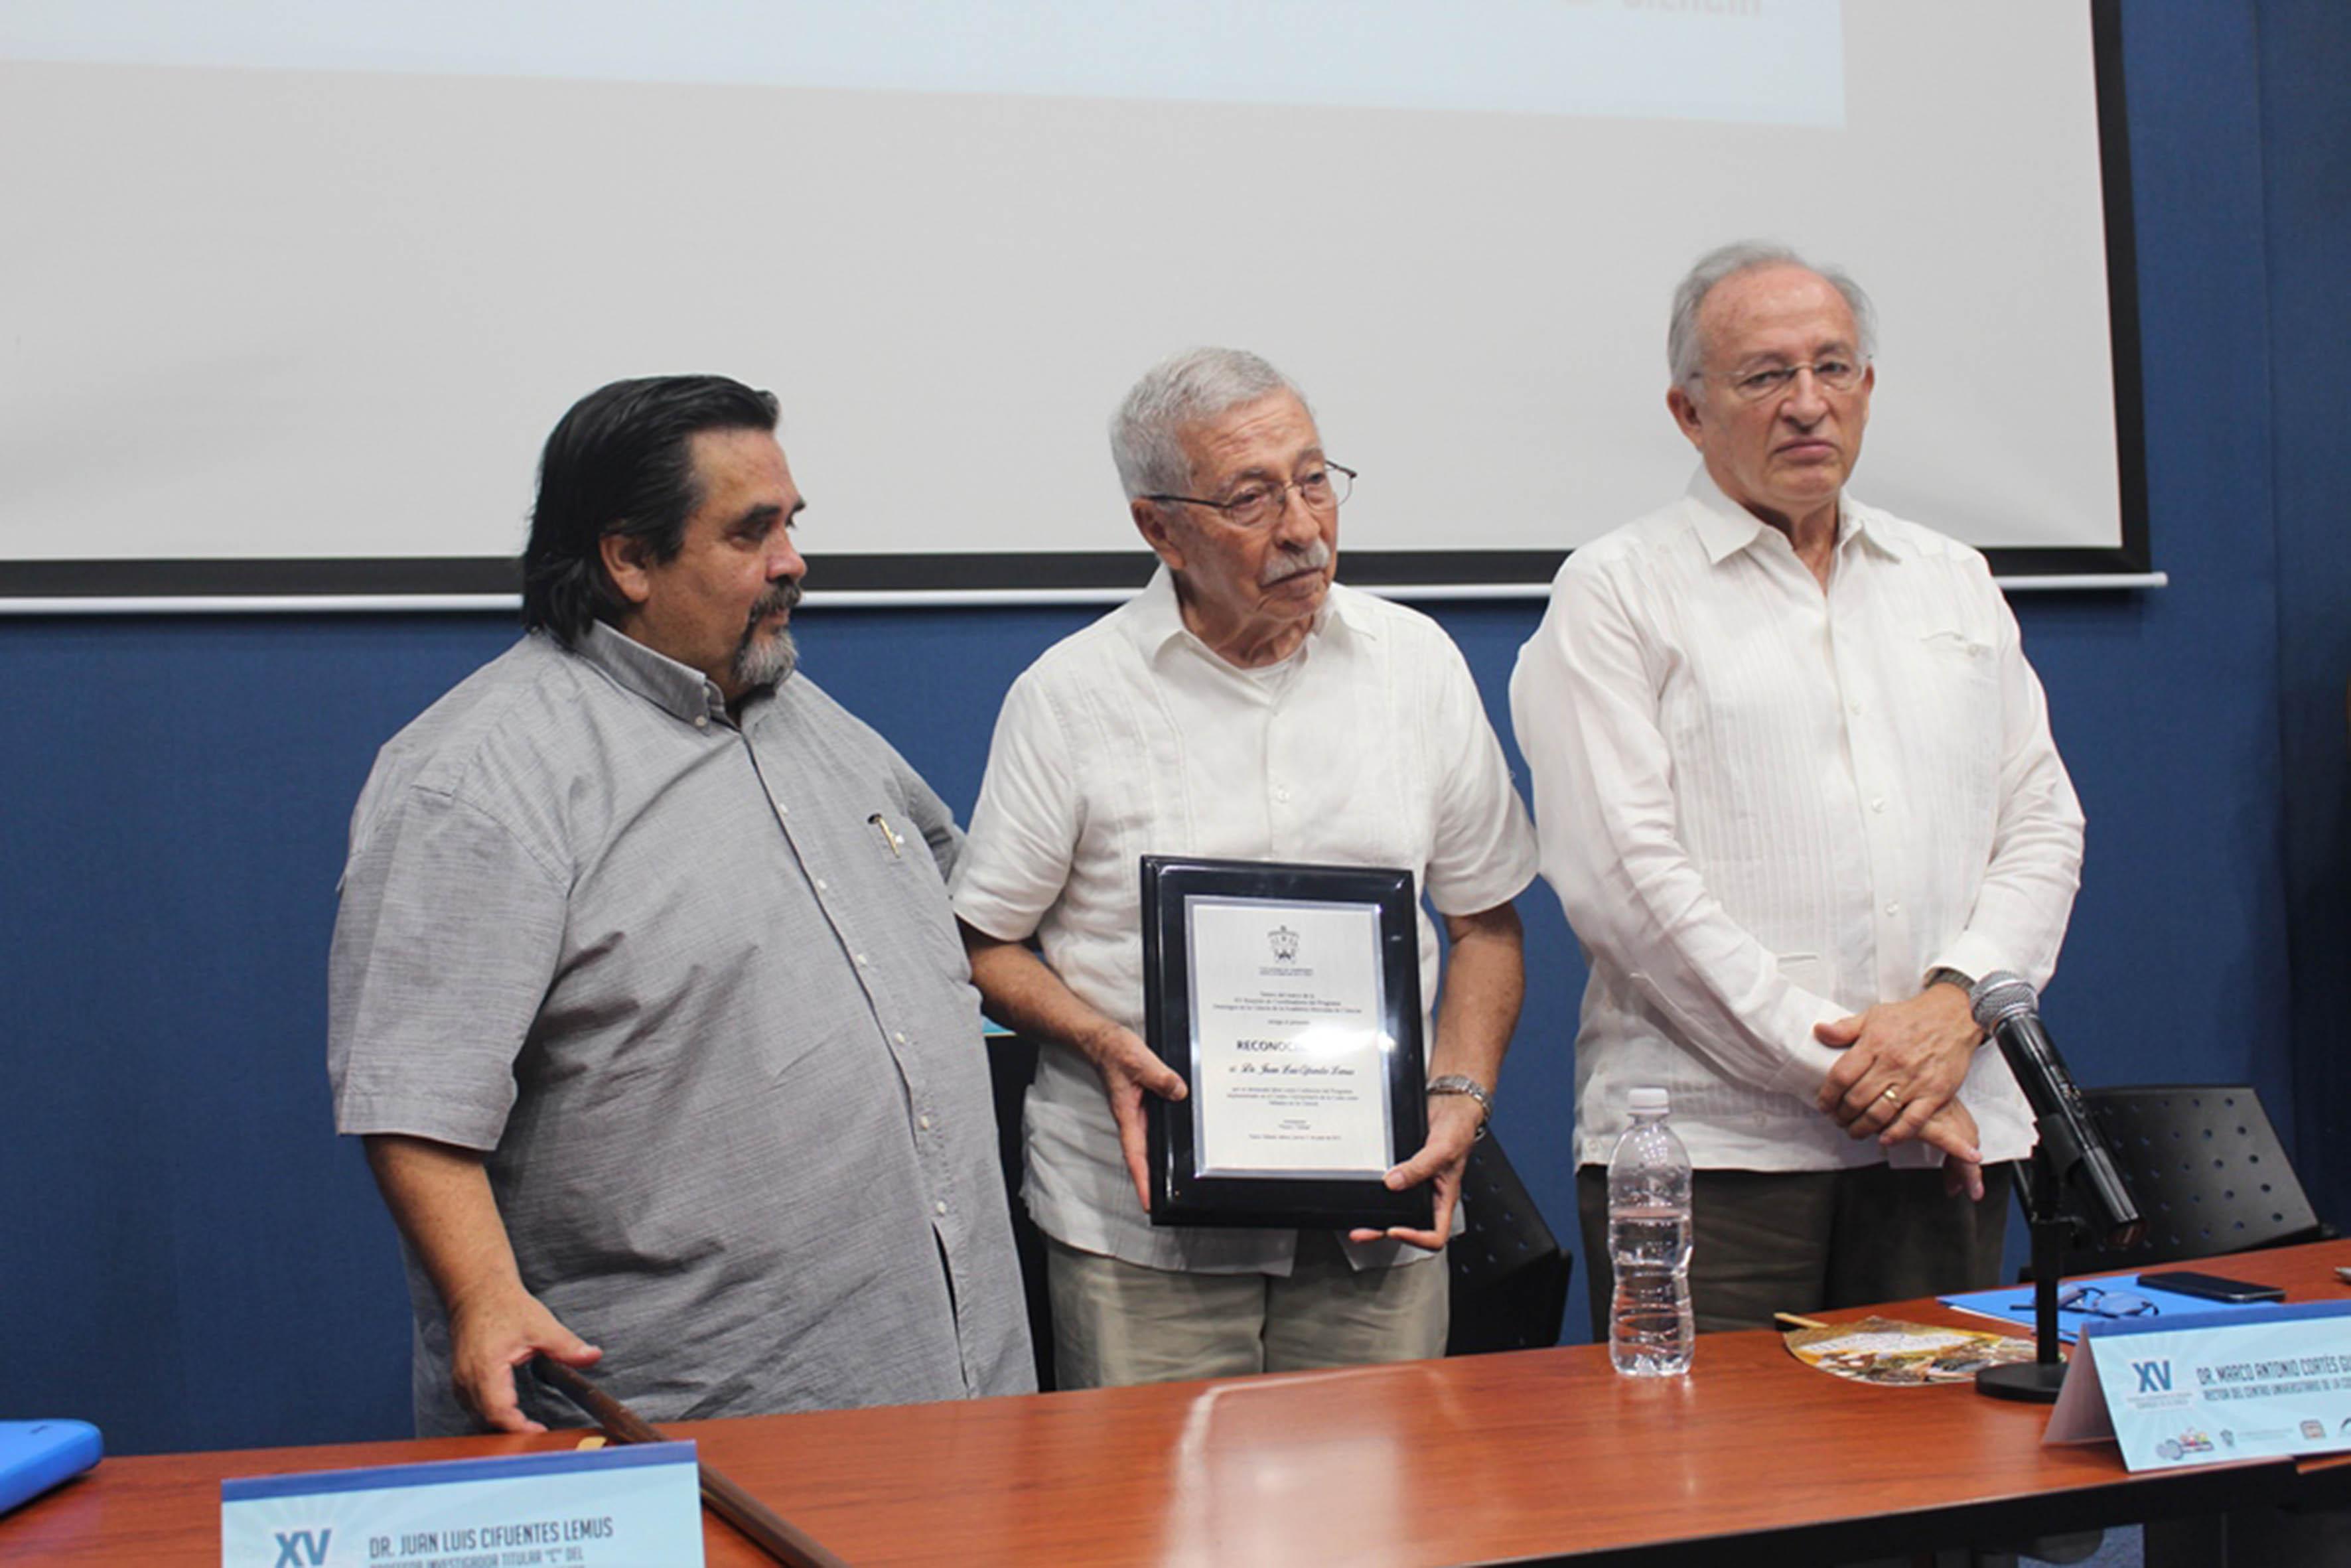 Dr. Cifuentes, recibiendo un reconocimiento por parte del Dr. Marco Antonio Cortés Guardado.